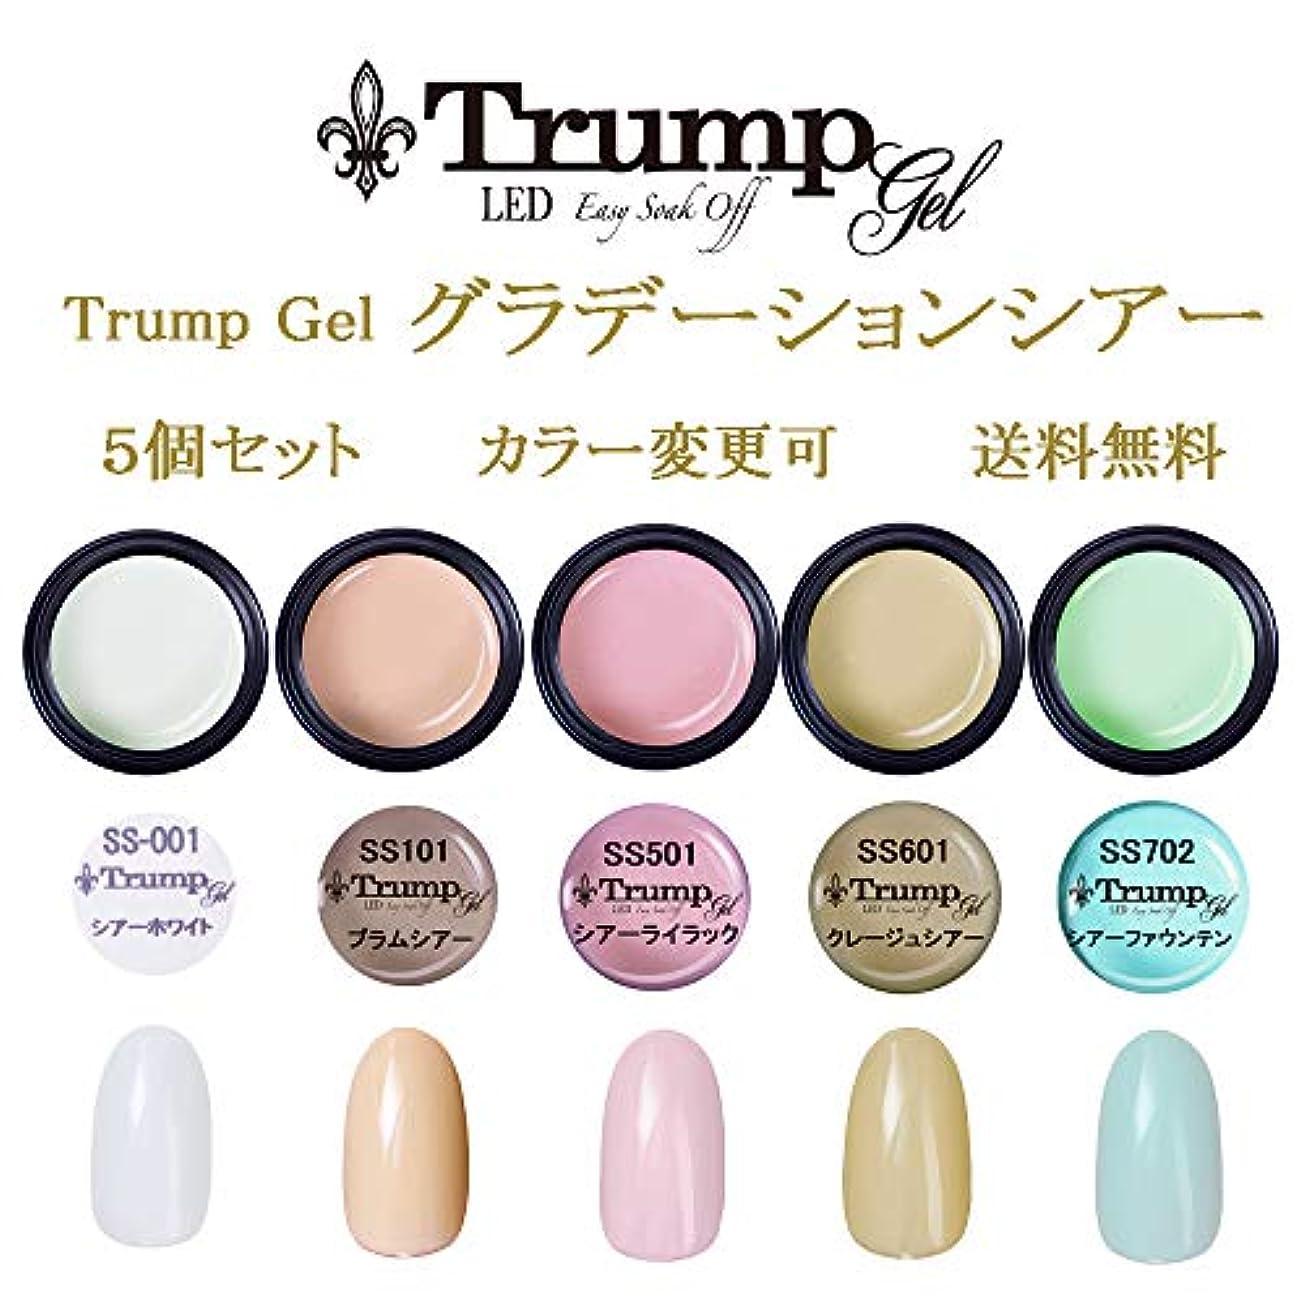 株式会社するだろうウェイド日本製 Trump gel トランプジェル グラデーション シアーカラー 選べる カラージェル 5個セット ホワイト ベージュ ピンク イエロー ブルー